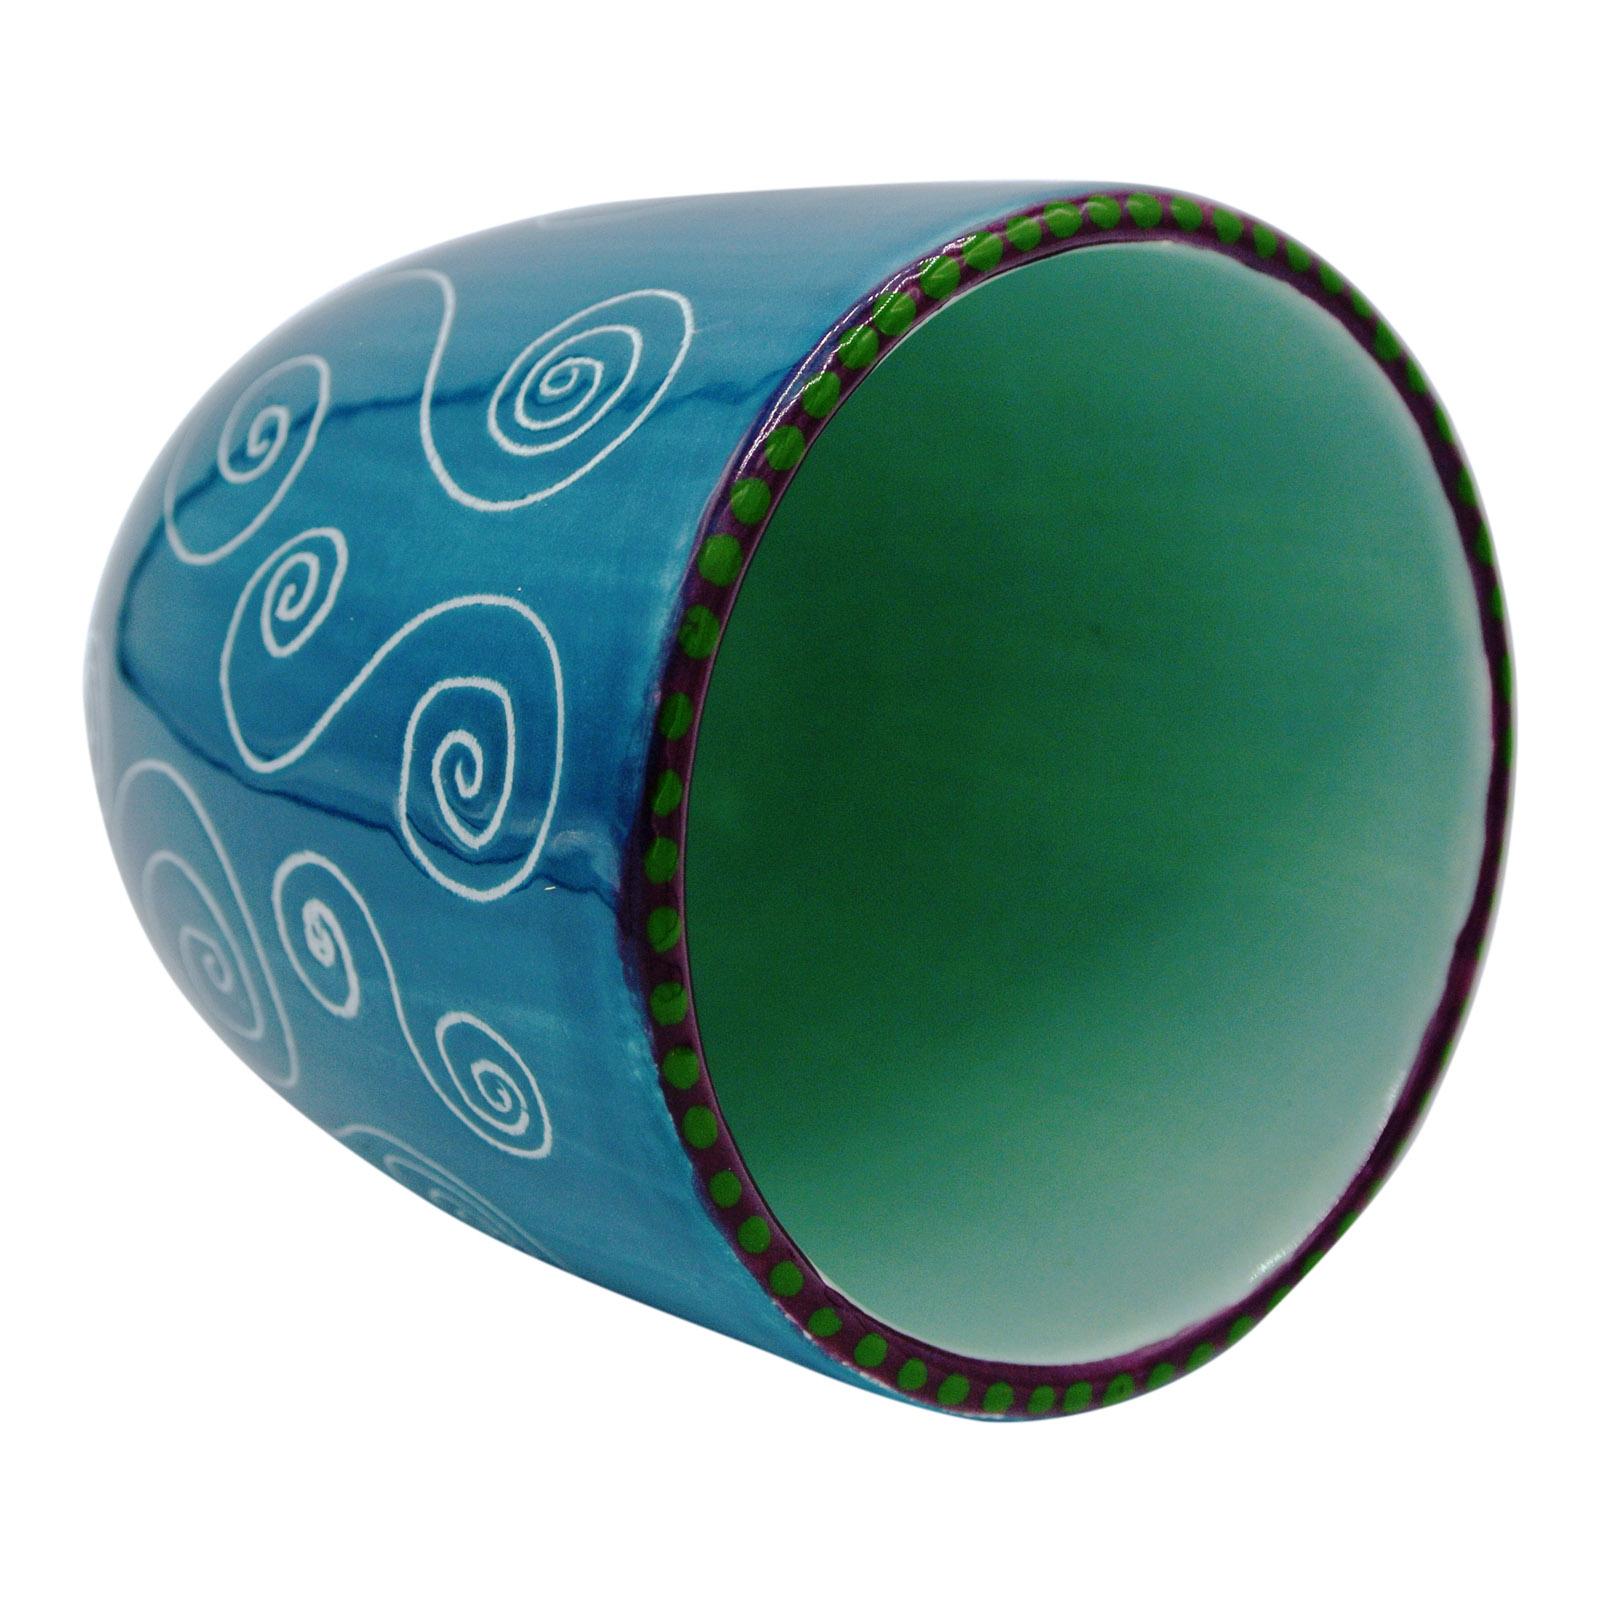 bedrijfsuitje puurglazuur, keramiekatelier, decoreren aardewerk